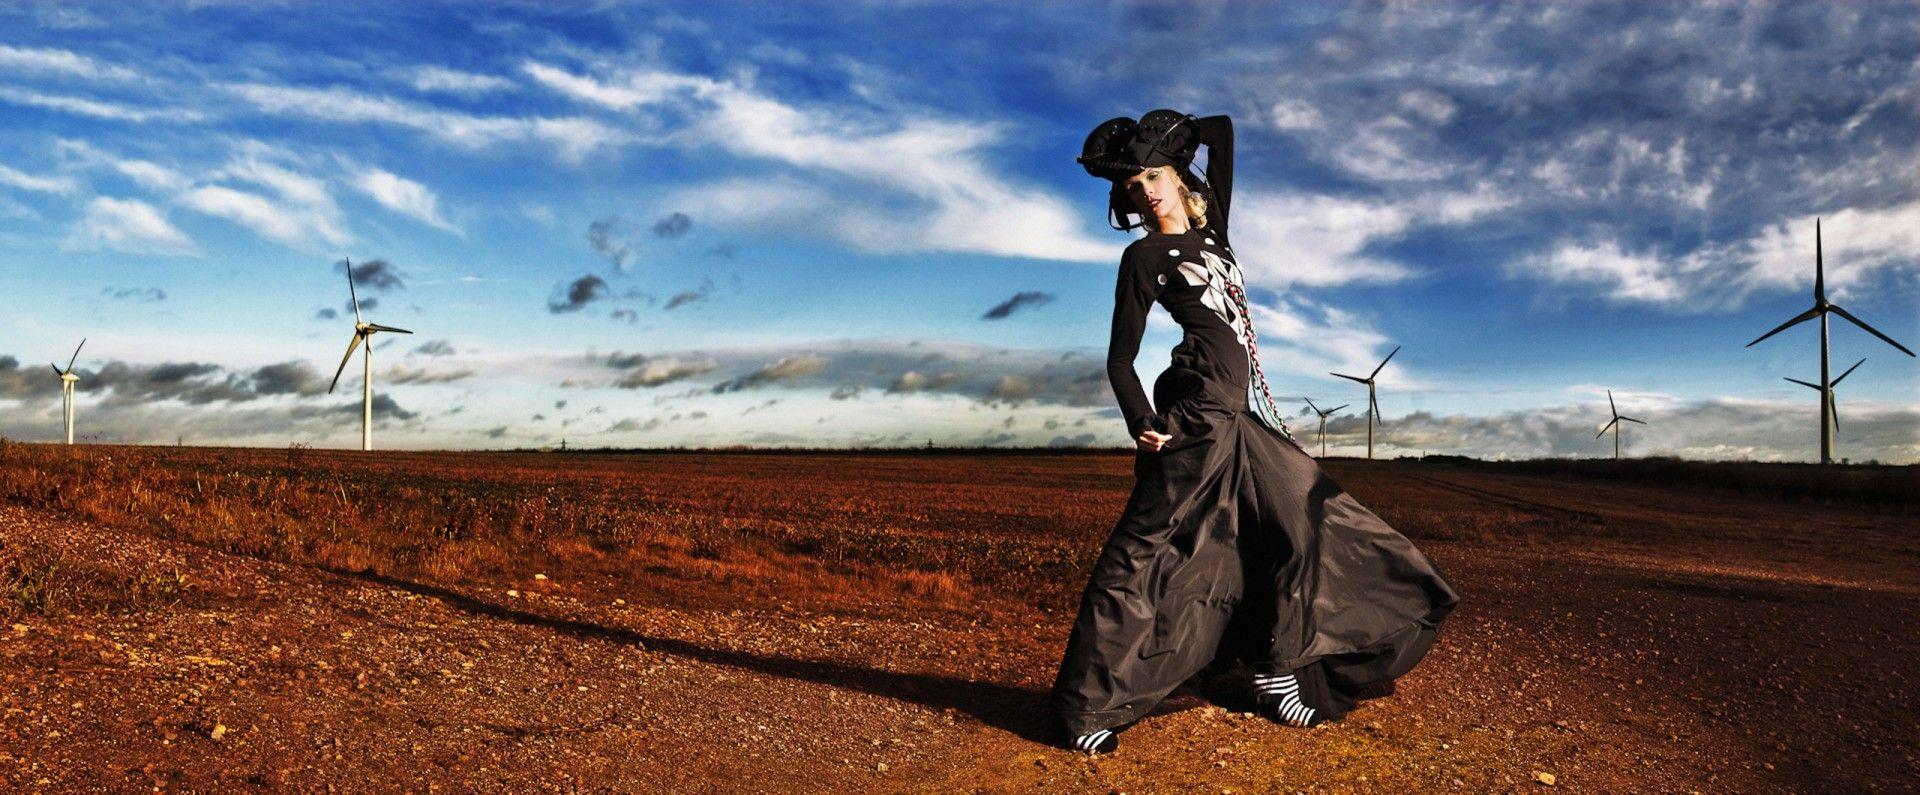 Wind MATJAZ TANCIC Fashion Editorial Noki 1 Of 2 1920x795